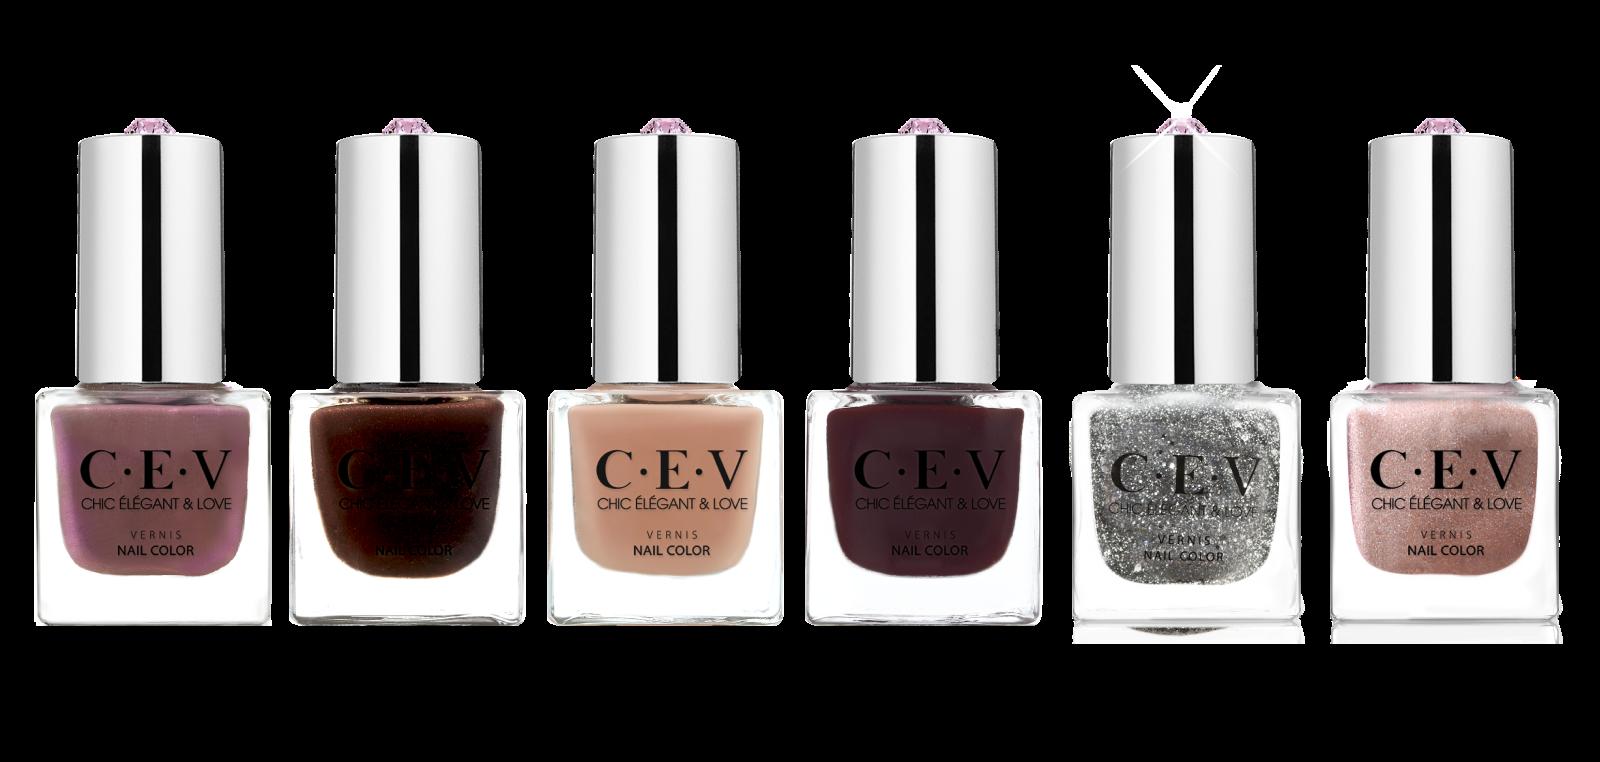 CEV, 超釉光極緻指彩, 指甲油, 無毒指甲油, CEV指甲油, 指甲油推薦, 聖誕指甲油, 指甲彩繪, 美甲, 試用, 體驗